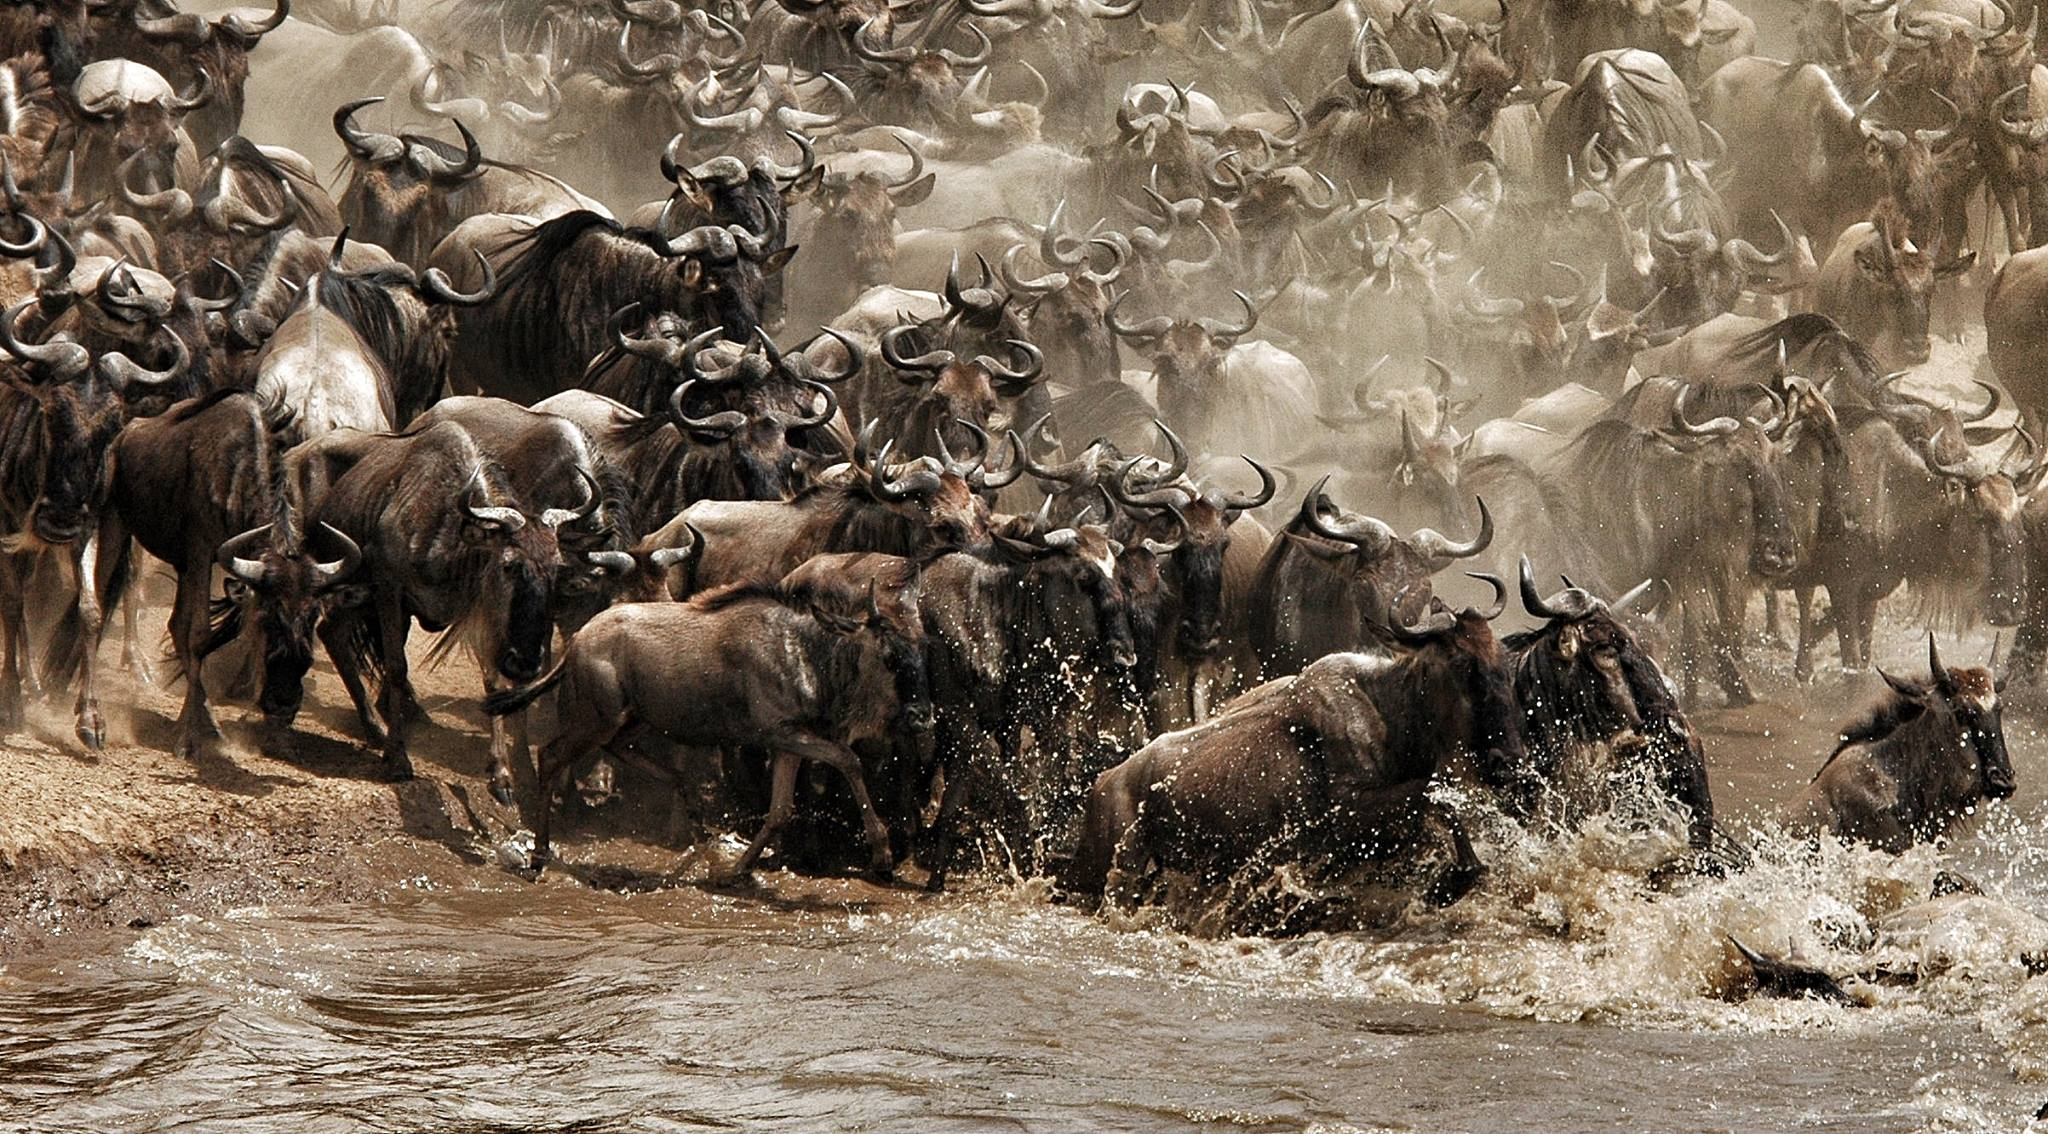 Wildebeests migrating across river